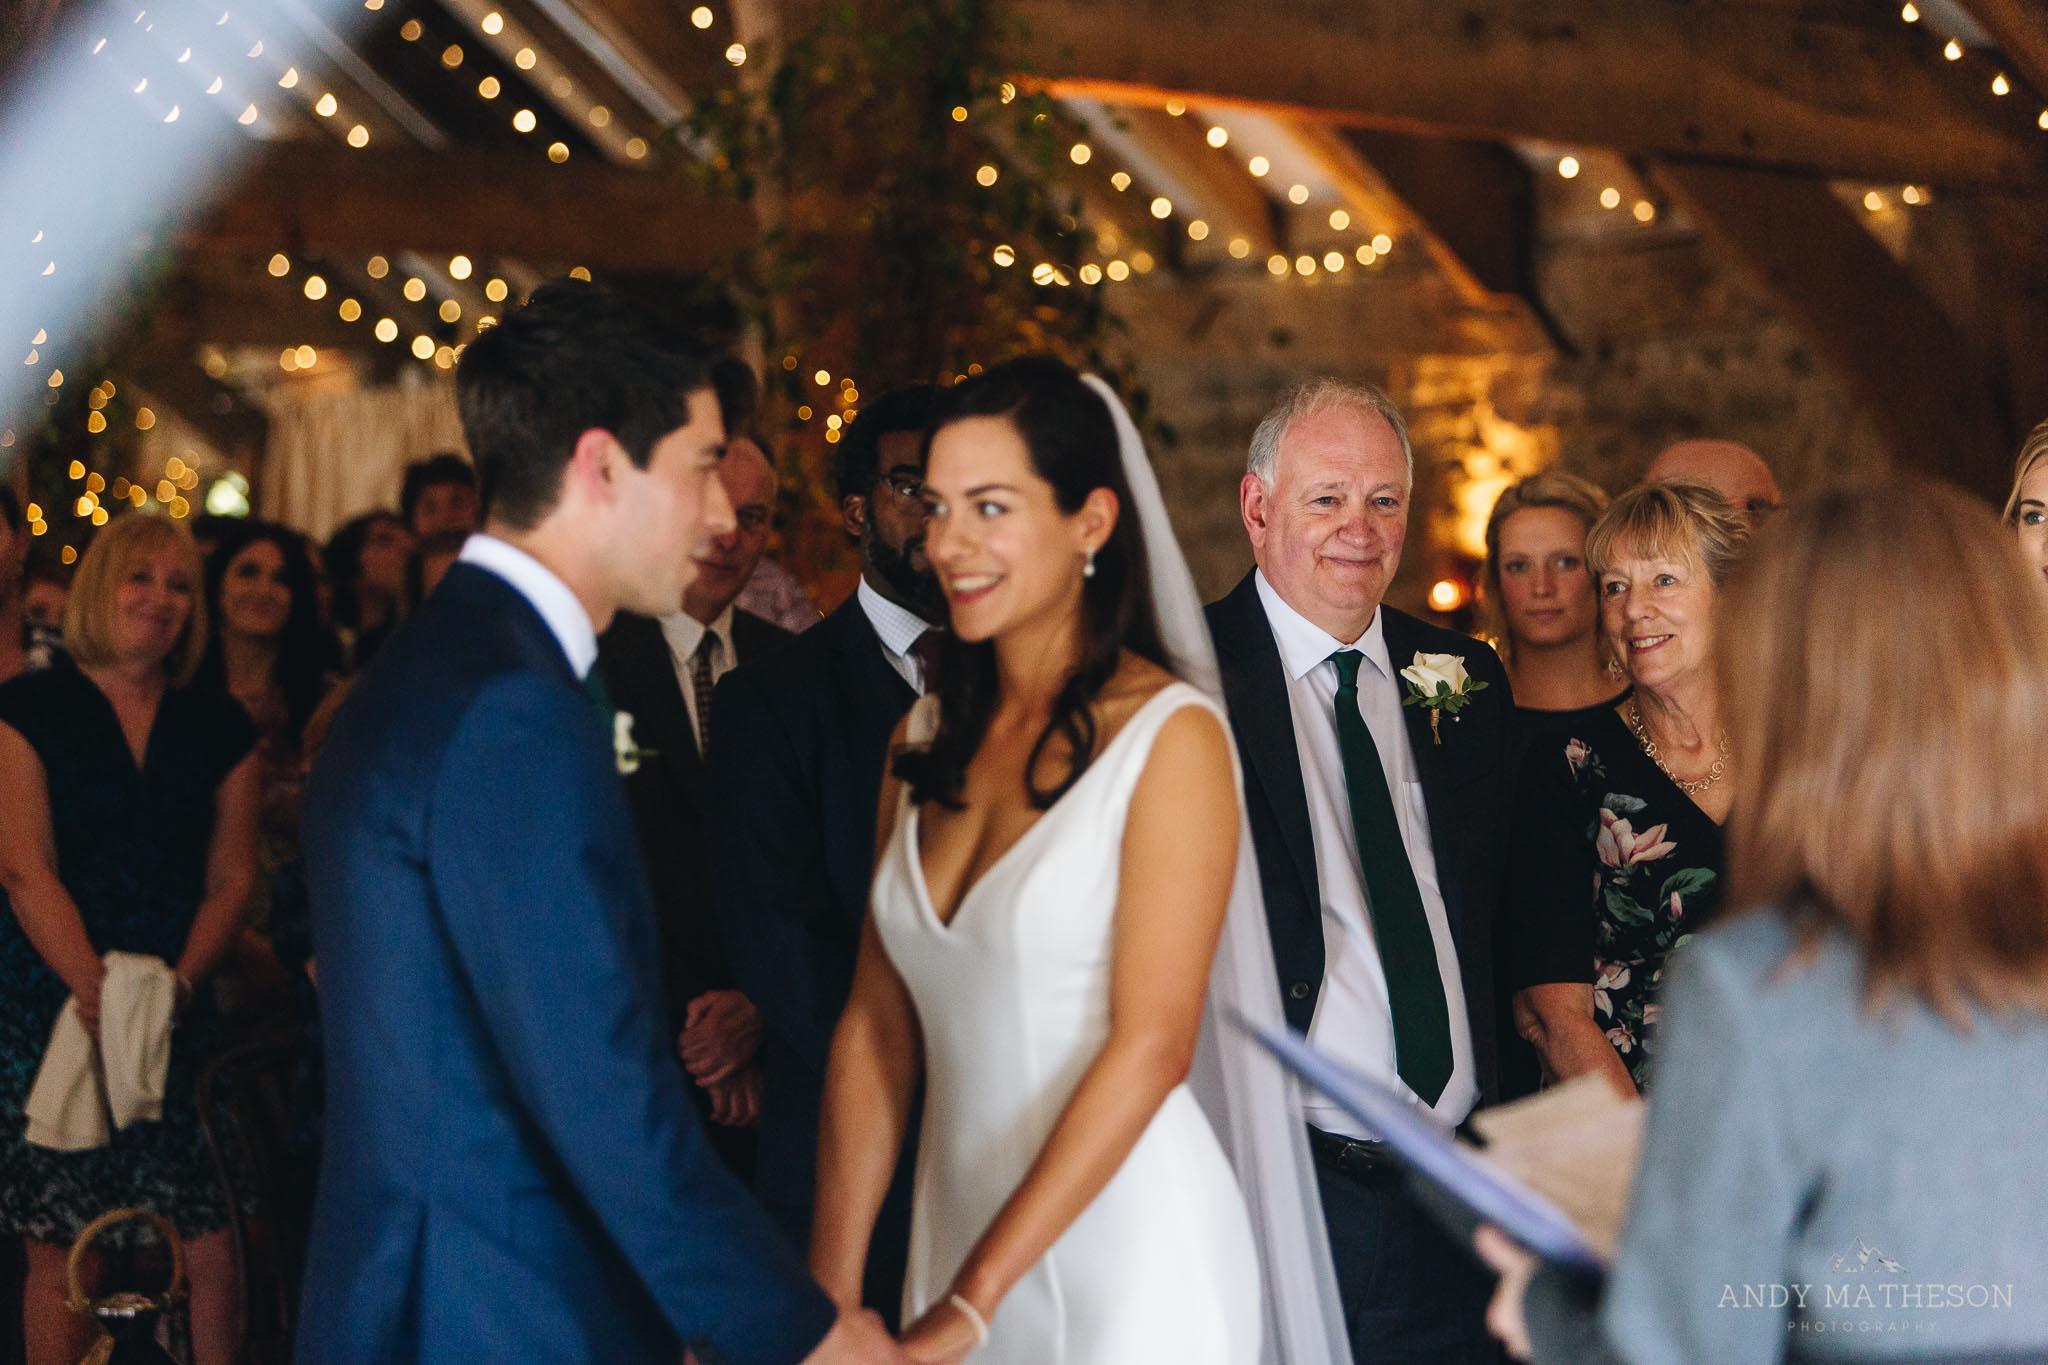 Tithe Barn Bolton Abbey Wedding Photographer_Andy Matheson_034.jpg